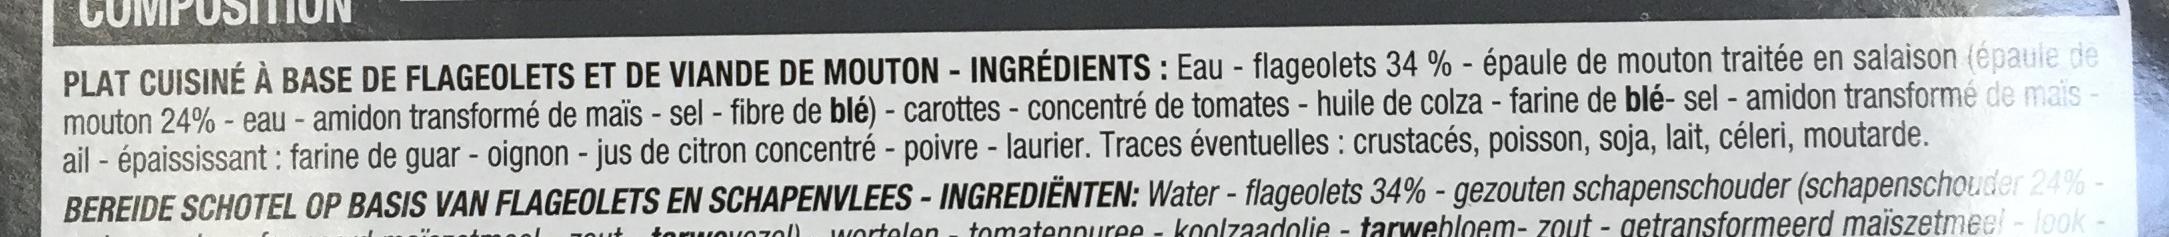 Mouton aux flageolets - Ingrédients